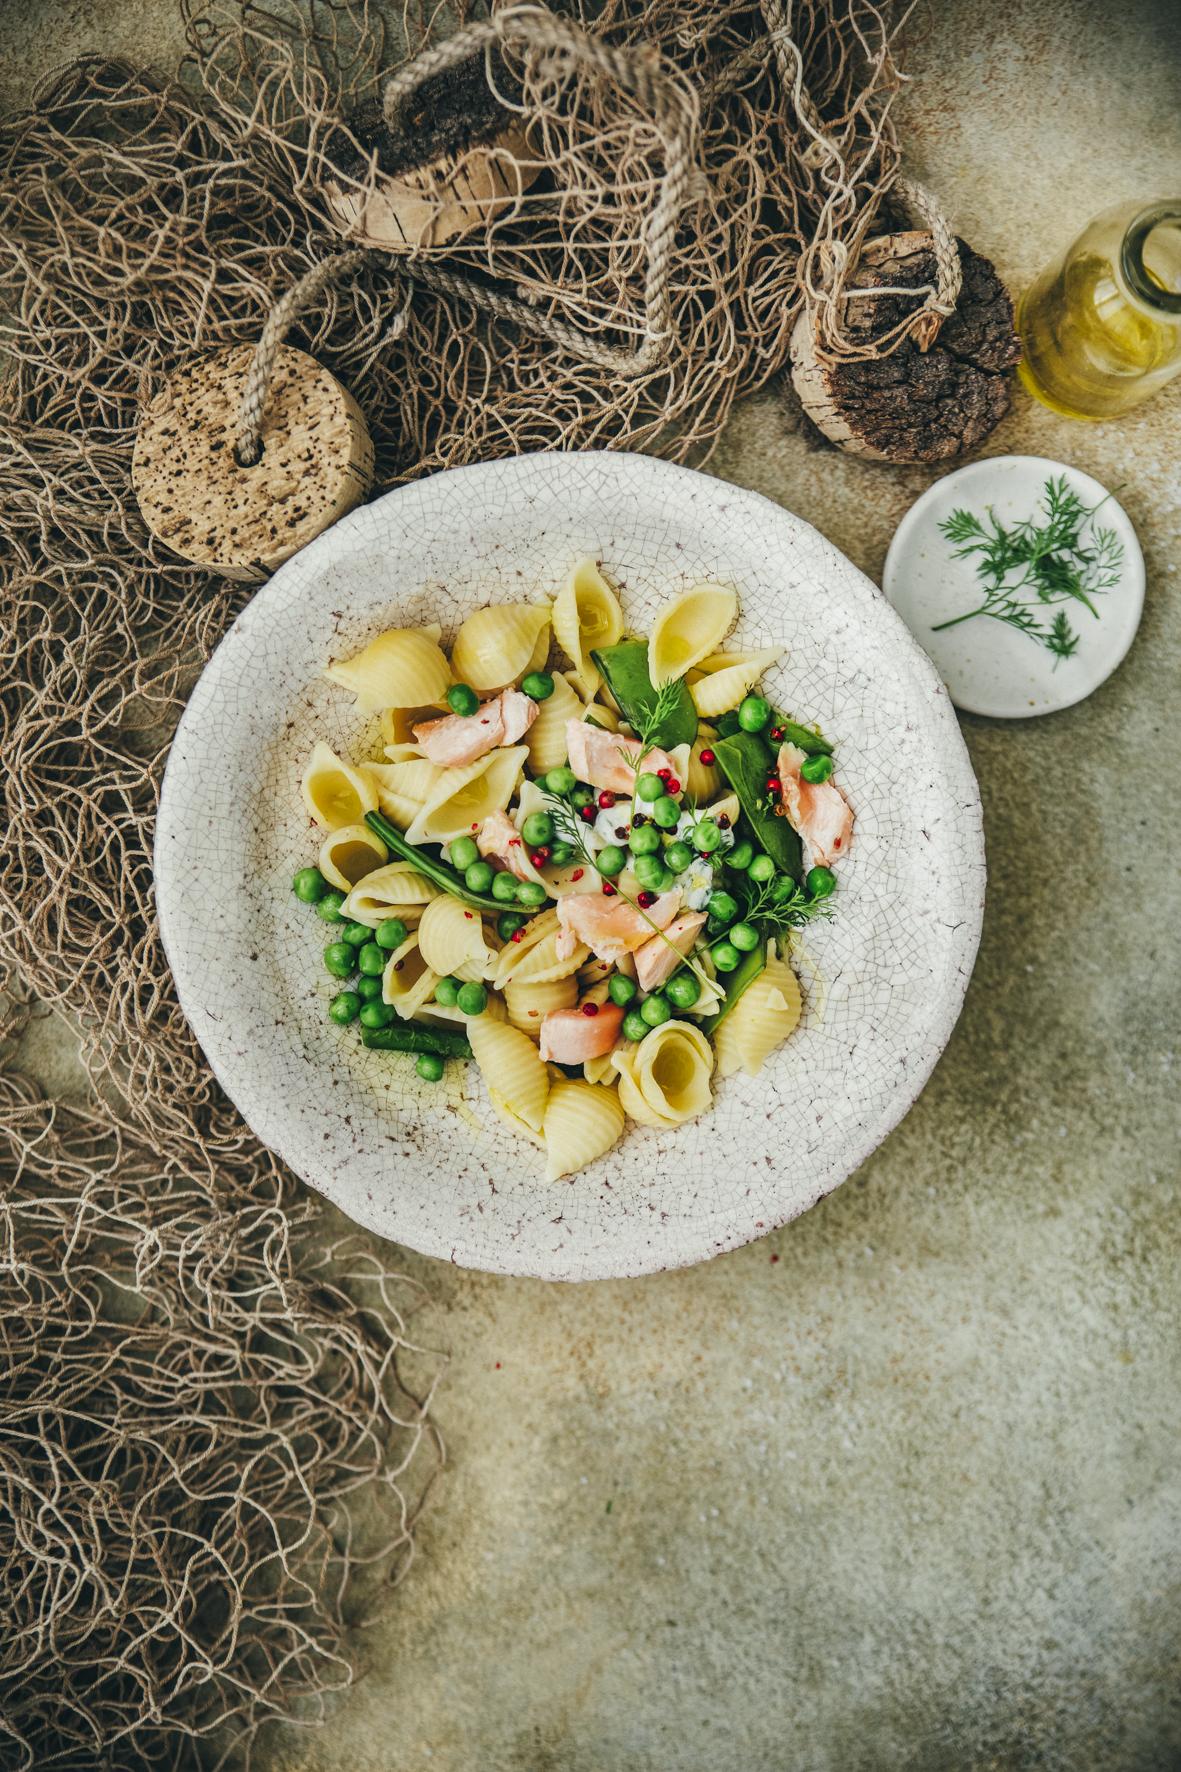 Conchiglie au saumon et aux légumes verts ©Sandrine Saadi